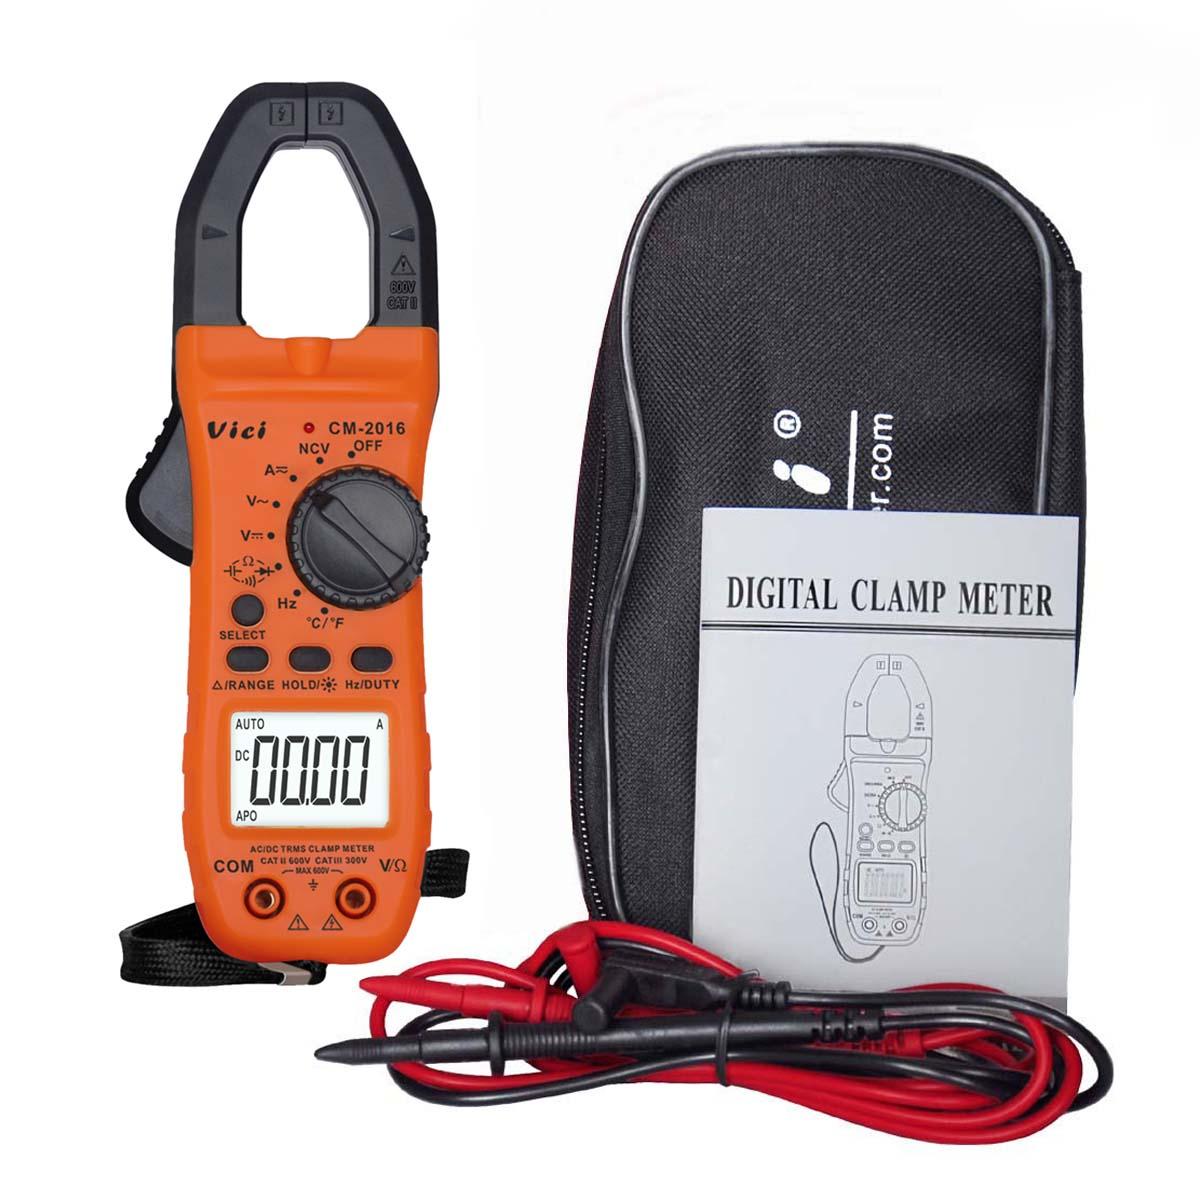 M115 VICI 5999 Digital Clamp Meter Multimeter Tester CM2016 NCV TRMS DCV ACV ACA C R F T victor vc9808 3 1 2 digital multimeter dcv acv dca r c l f